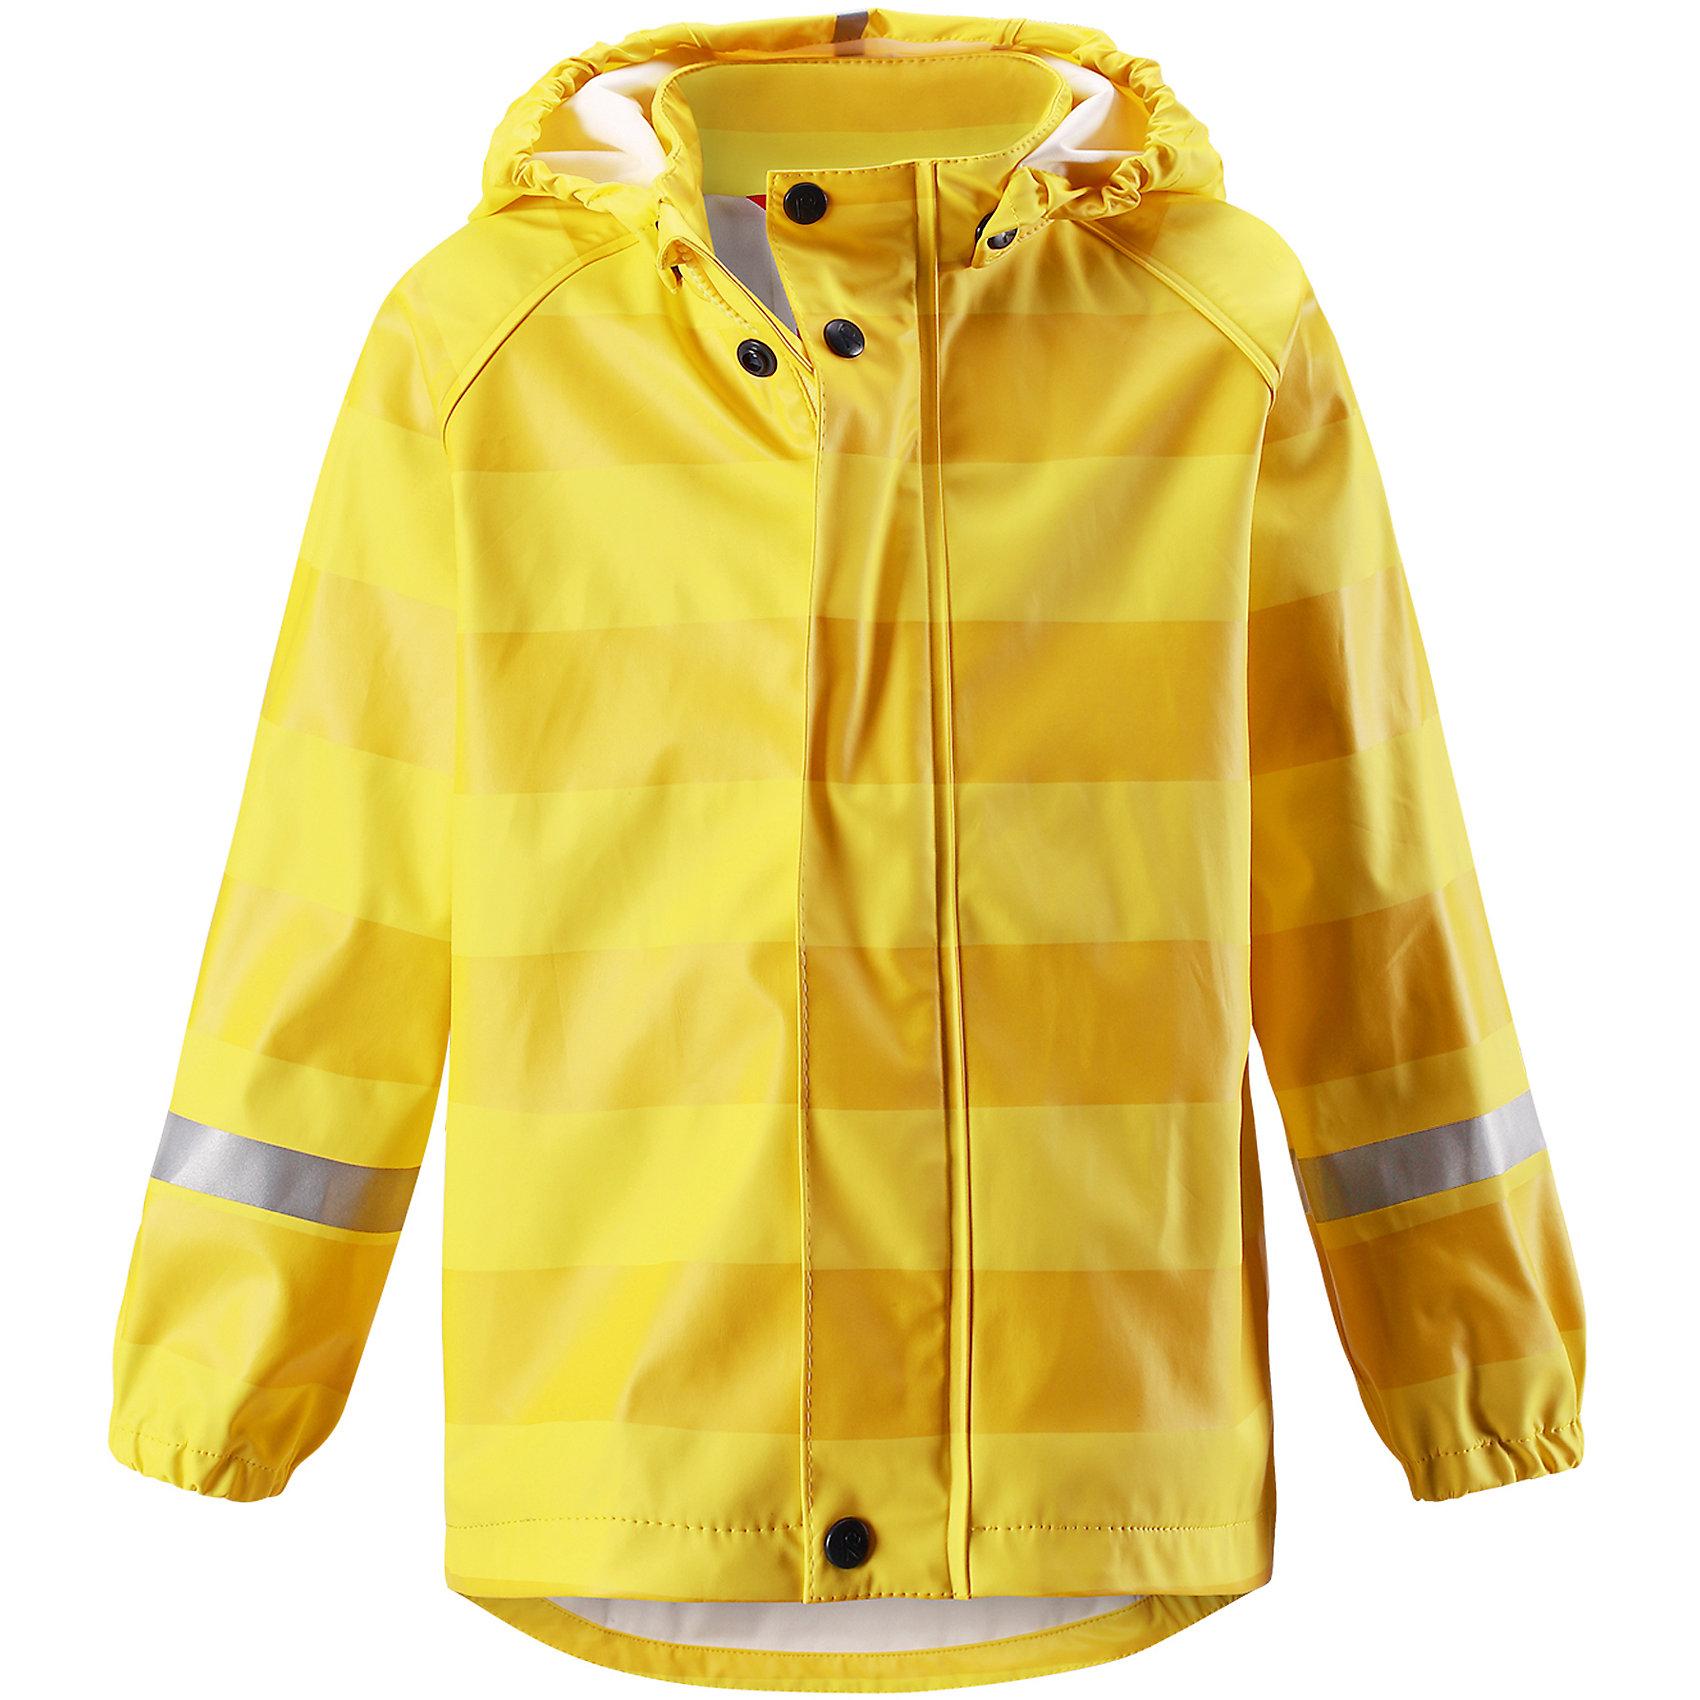 Плащ-дождевик Vesi ReimaОдежда<br>Характеристики товара:<br><br>• цвет: желтый<br>• состав: 100% полиэстер, полиуретановое покрытие<br>• температурный режим: от +10° до +20°С<br>• водонепроницаемость: 10000 мм<br>• без утеплителя<br>• водонепроницаемый материал с запаянными швами<br>• эластичный материал<br>• можно пристёгивать промежуточные слои Reima® с помощью кнопок Play Layers®<br>• не содержит ПВХ<br>• безопасный съёмный капюшон<br>• спереди застегивается на молнию<br>• эластичные манжеты<br>• светоотражающие детали<br>• комфортная посадка<br>• страна производства: Китай<br>• страна бренда: Финляндия<br>• коллекция: весна-лето 2017<br><br>Верхняя одежда для детей может быть модной и комфортной одновременно! Легкий плащ поможет обеспечить ребенку комфорт и тепло. Он отлично смотрится с различной одеждой и обувью. Изделие удобно сидит и модно выглядит. Материал - прочный, хорошо подходящий для дождливой погоды. Стильный дизайн разрабатывался специально для детей.<br><br>Одежда и обувь от финского бренда Reima пользуется популярностью во многих странах. Эти изделия стильные, качественные и удобные. Для производства продукции используются только безопасные, проверенные материалы и фурнитура. Порадуйте ребенка модными и красивыми вещами от Reima! <br><br>Плащ для мальчика от финского бренда Reima (Рейма) можно купить в нашем интернет-магазине.<br><br>Ширина мм: 356<br>Глубина мм: 10<br>Высота мм: 245<br>Вес г: 519<br>Цвет: желтый<br>Возраст от месяцев: 36<br>Возраст до месяцев: 48<br>Пол: Унисекс<br>Возраст: Детский<br>Размер: 104,86,92,98,116,122,128,110,134,140<br>SKU: 5270465